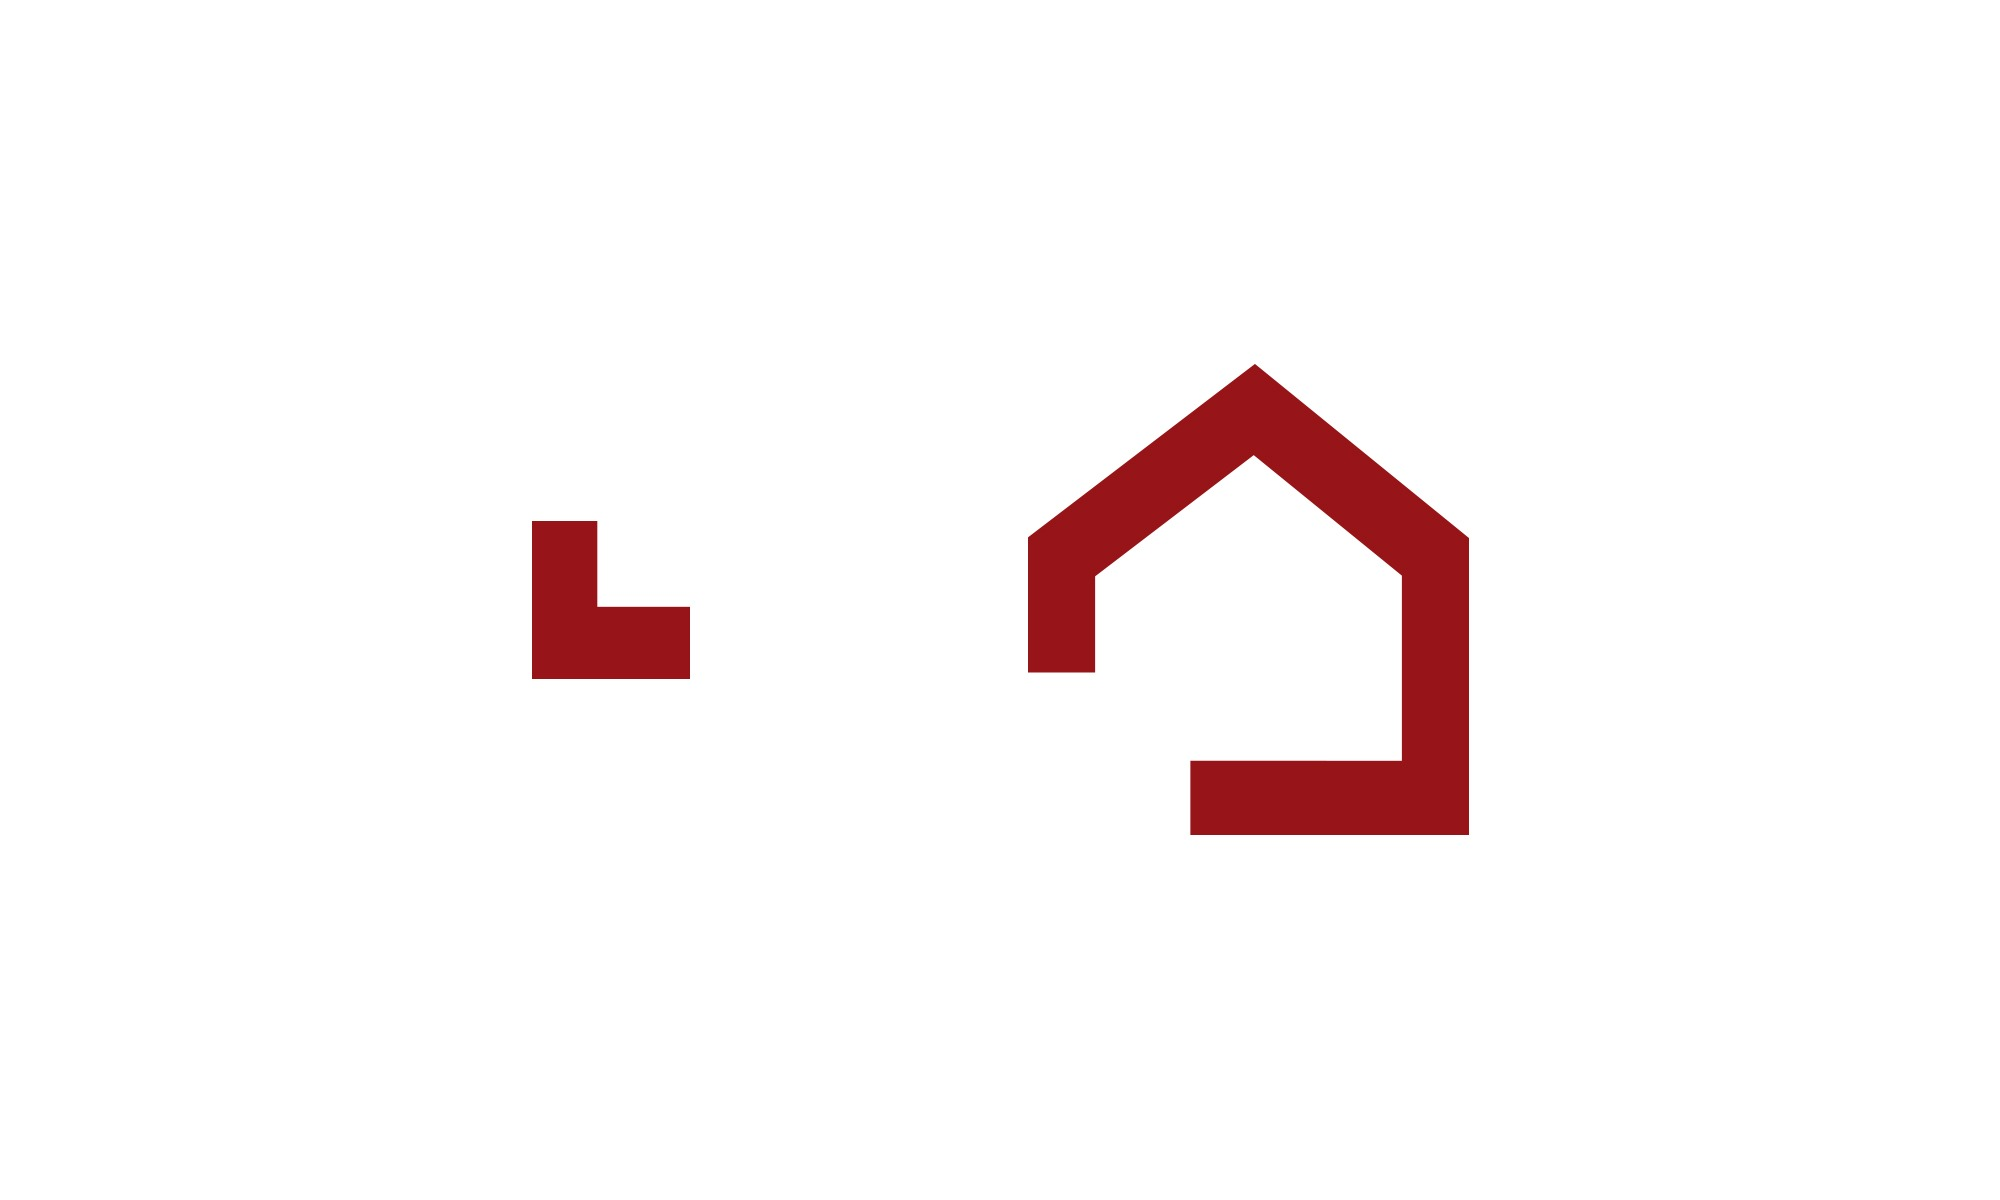 logokonzept Weidemann Schillings - Rebranding für Weidemann & Schillings